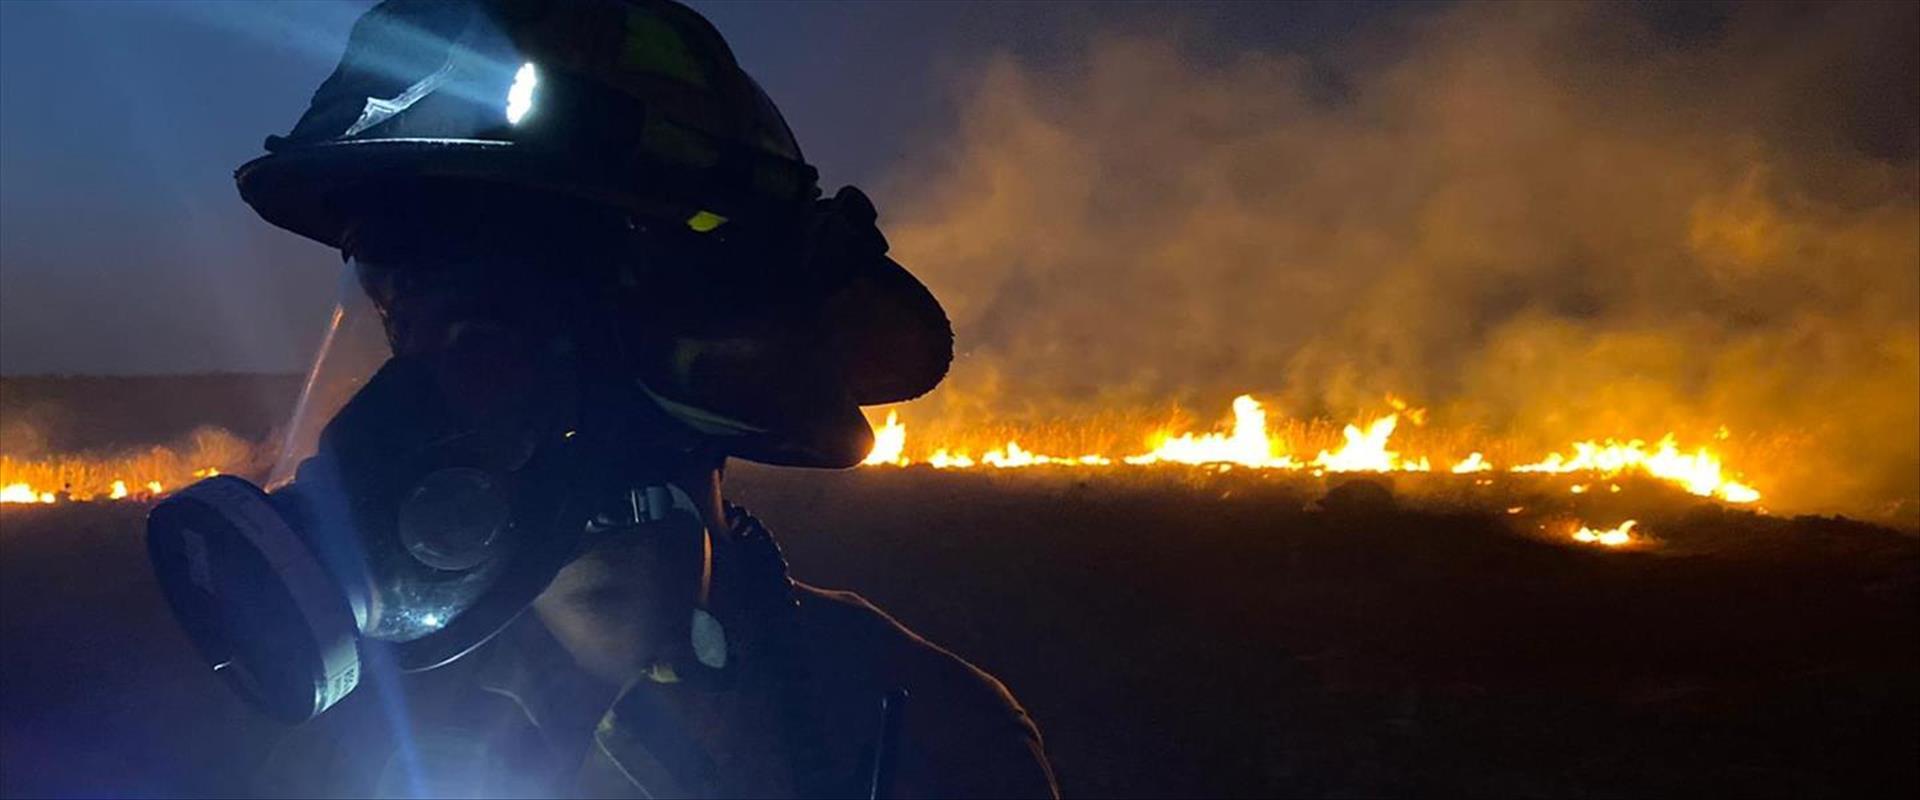 השריפה סמוך לאלעד